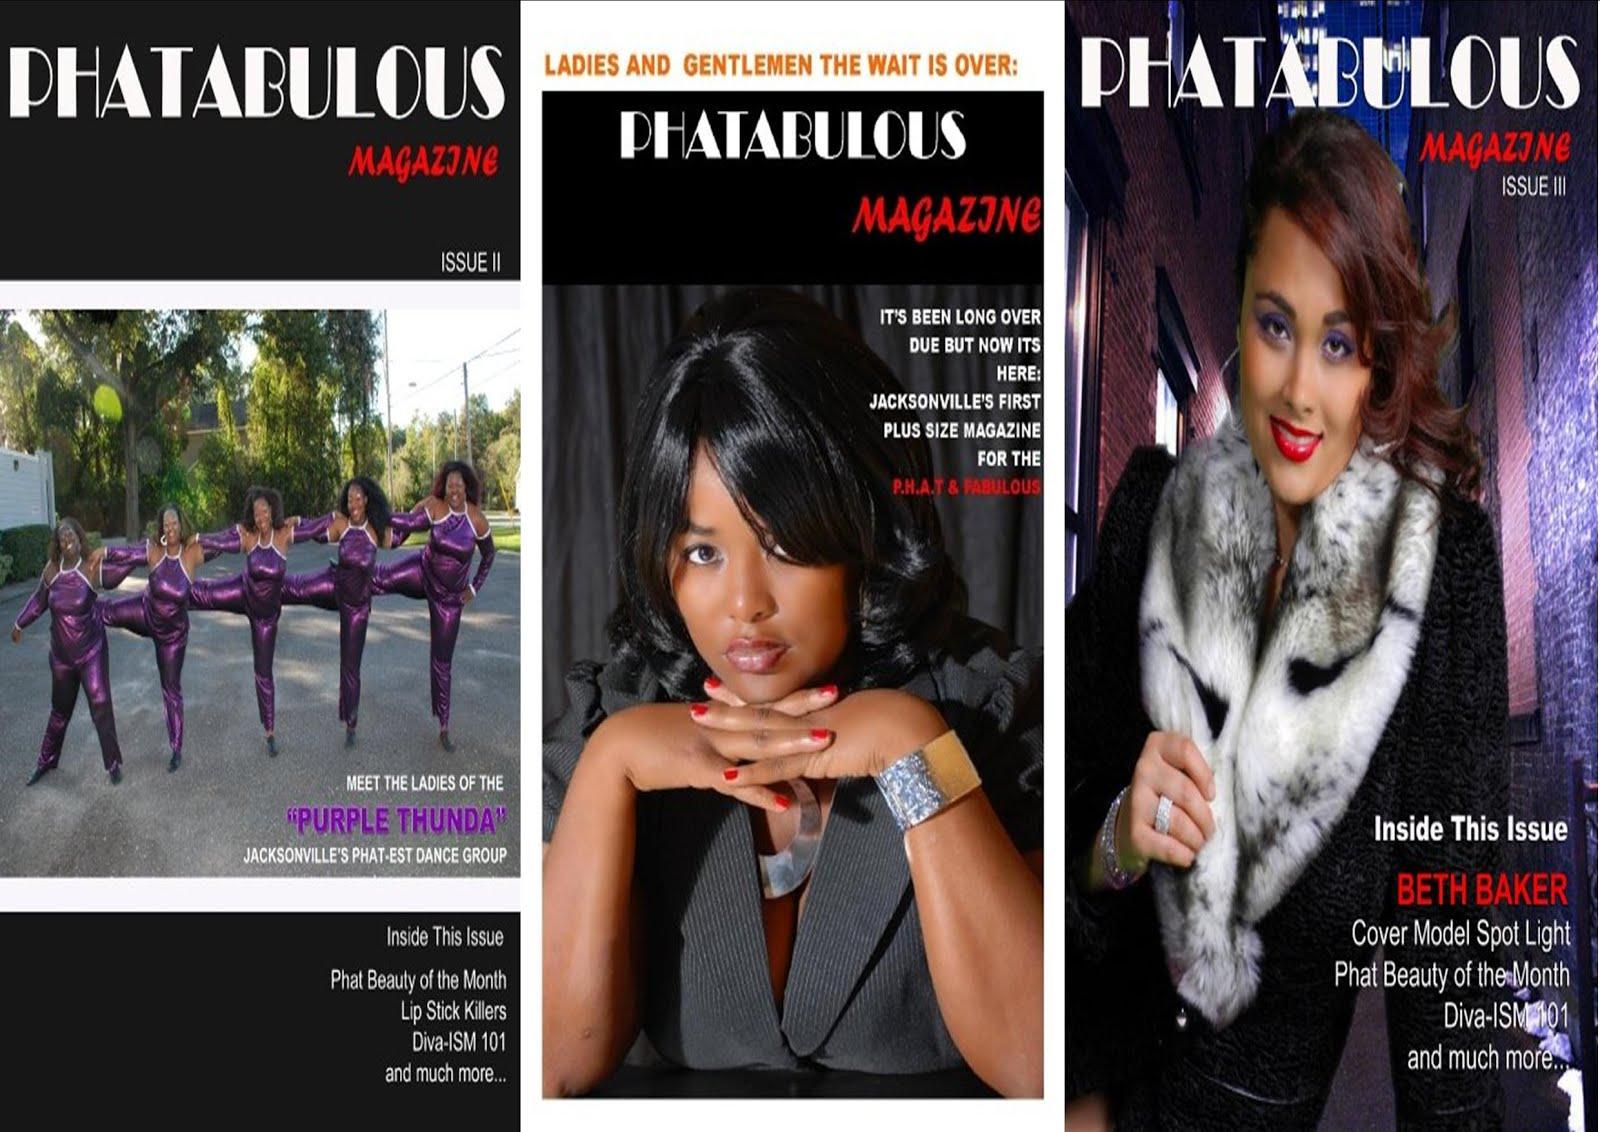 Phatabulous Magazine